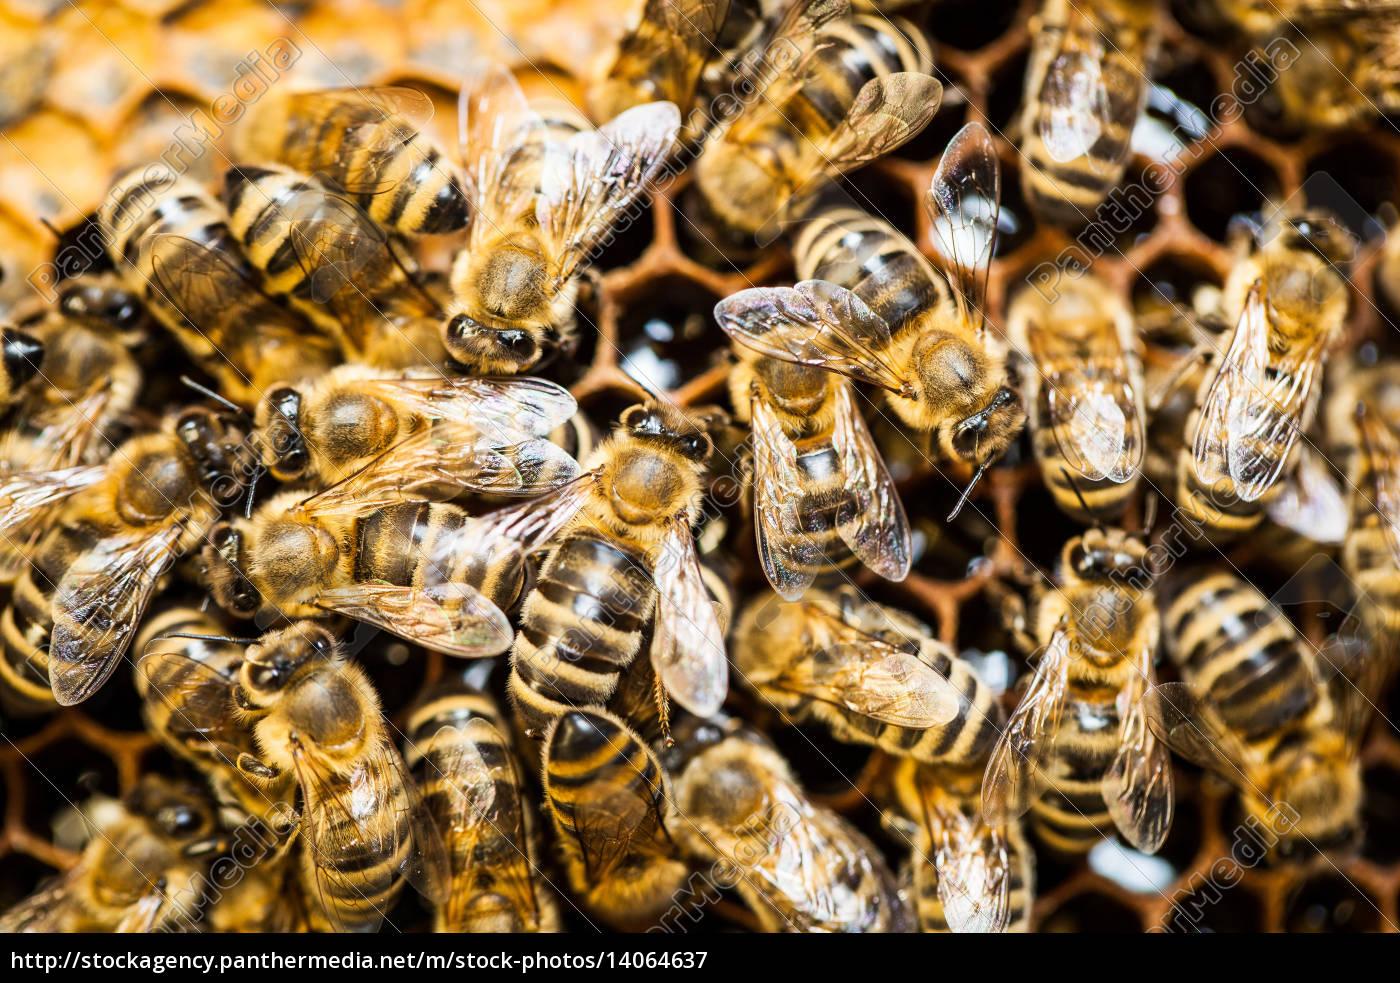 macro, shot, of, bees, swarming, on - 14064637